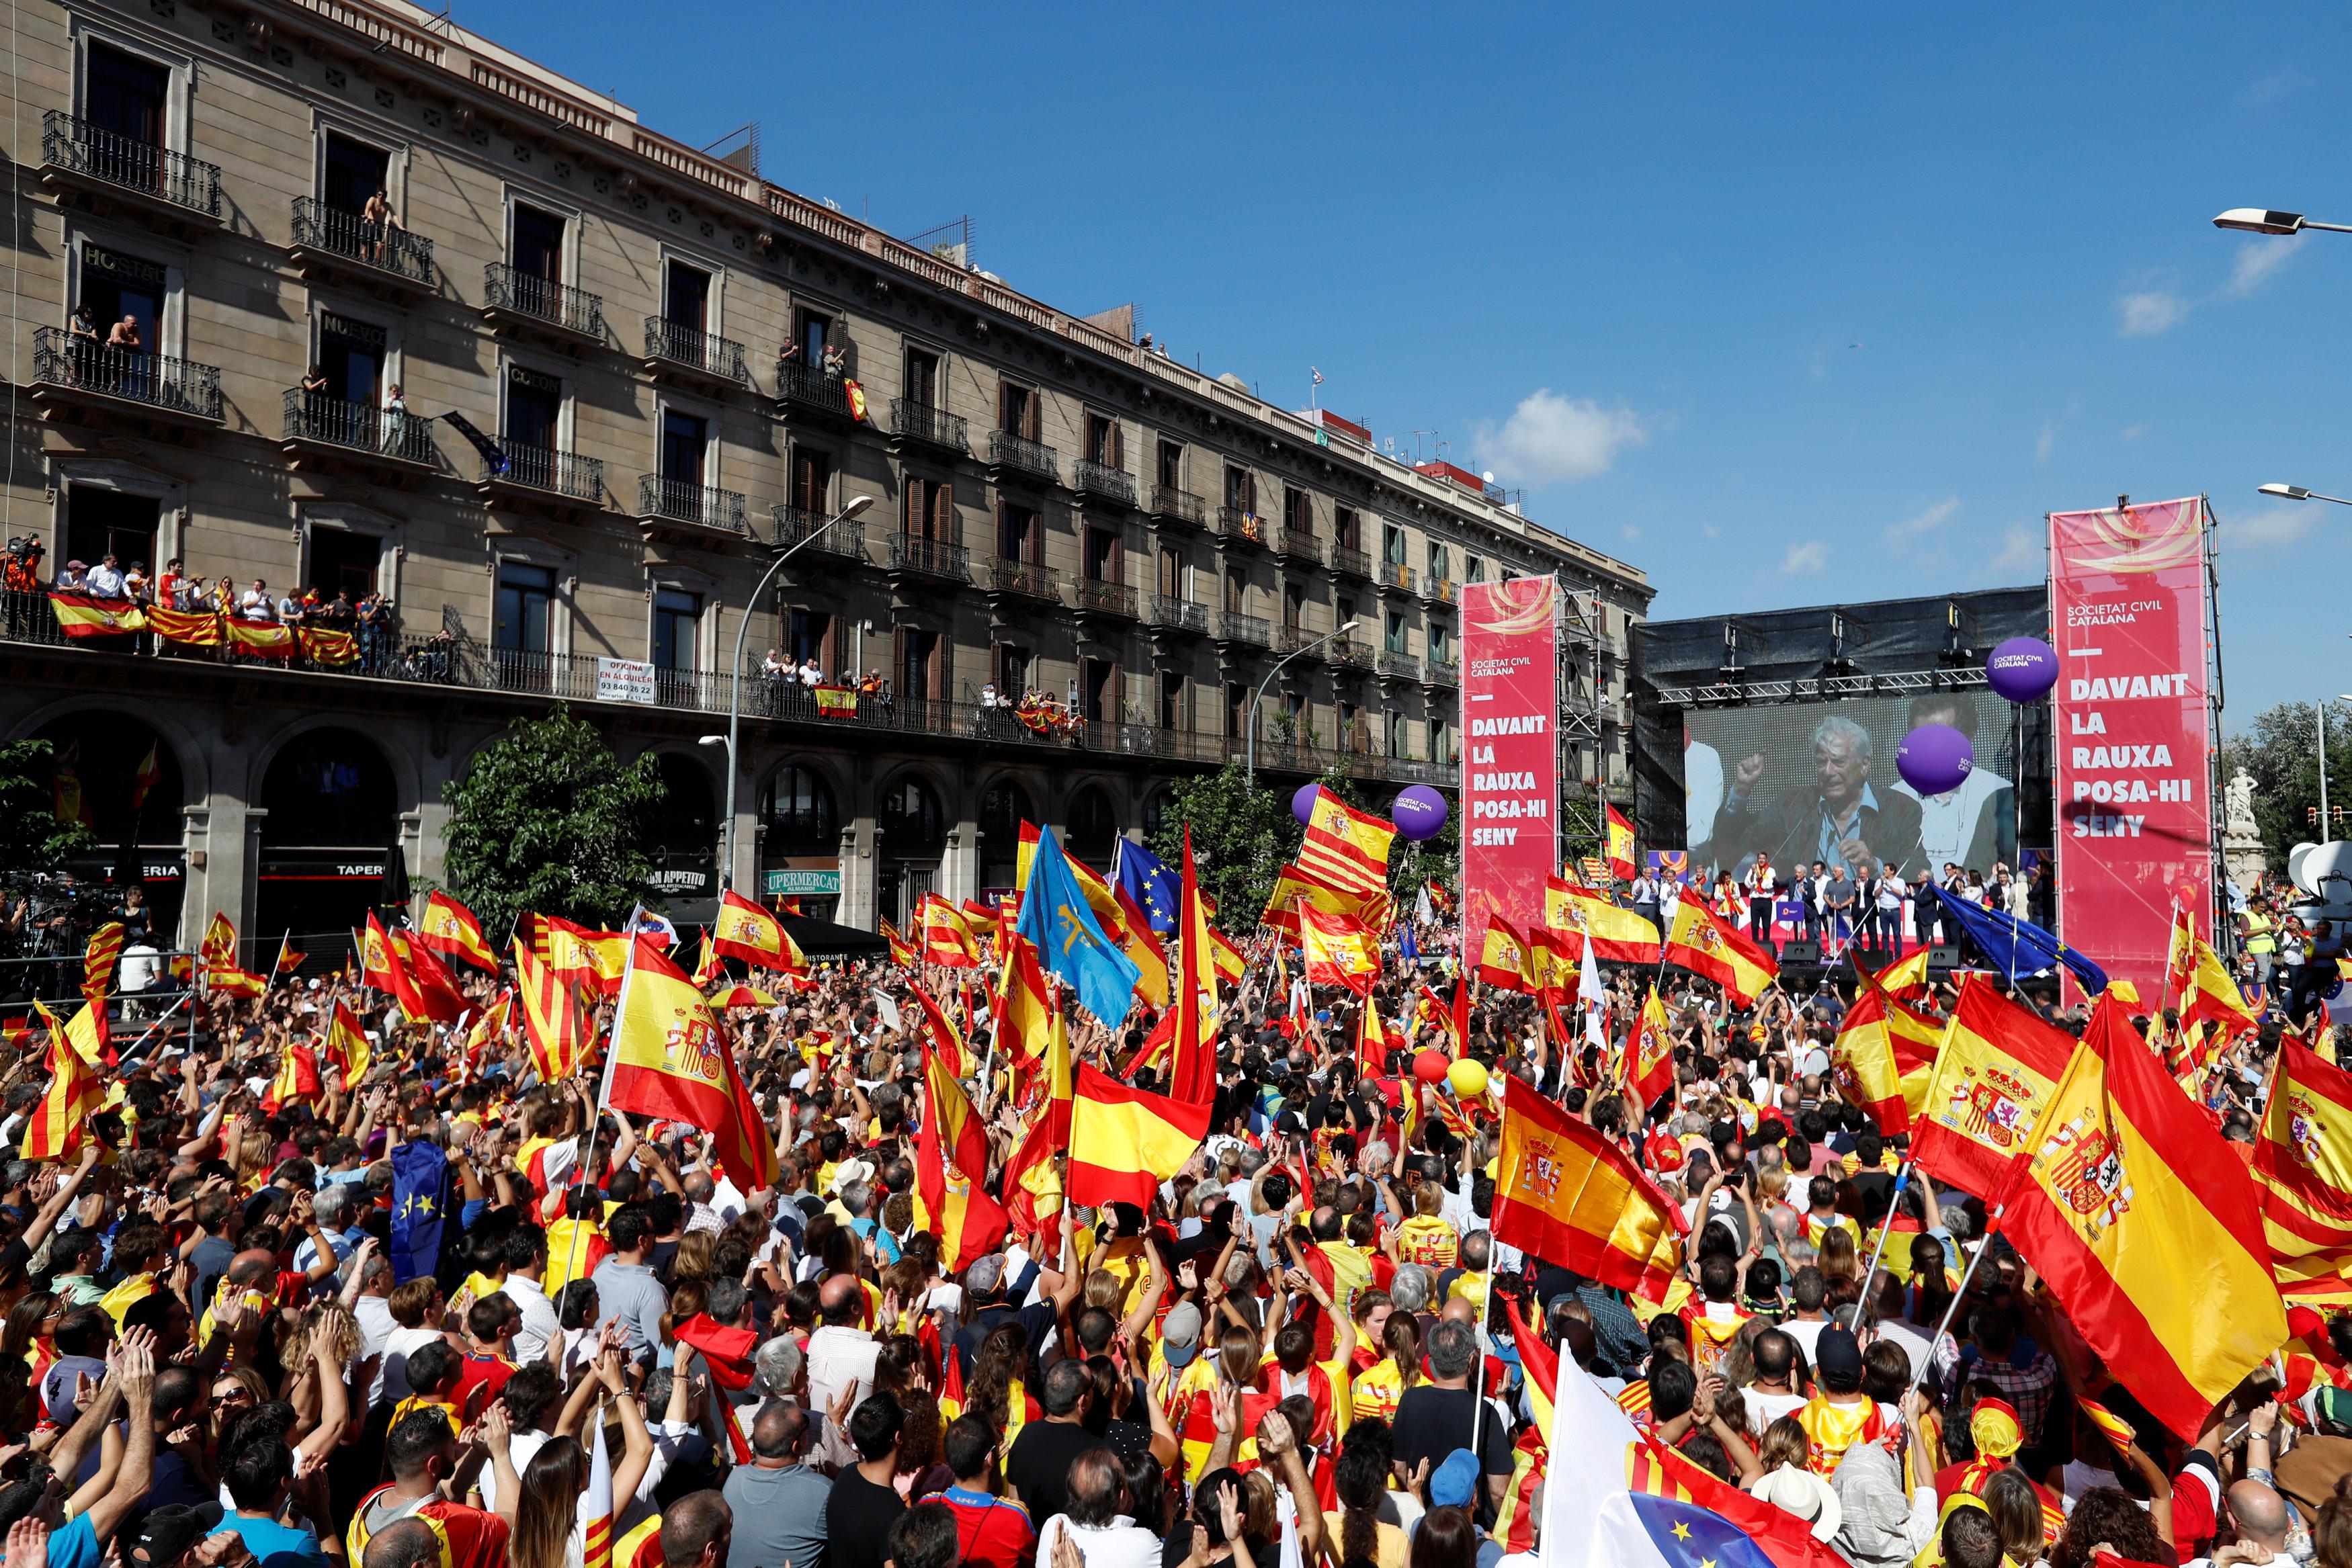 صورة المحكمة الدستورية في إسبانيا تلغي إعلان استقلال كتالونيا